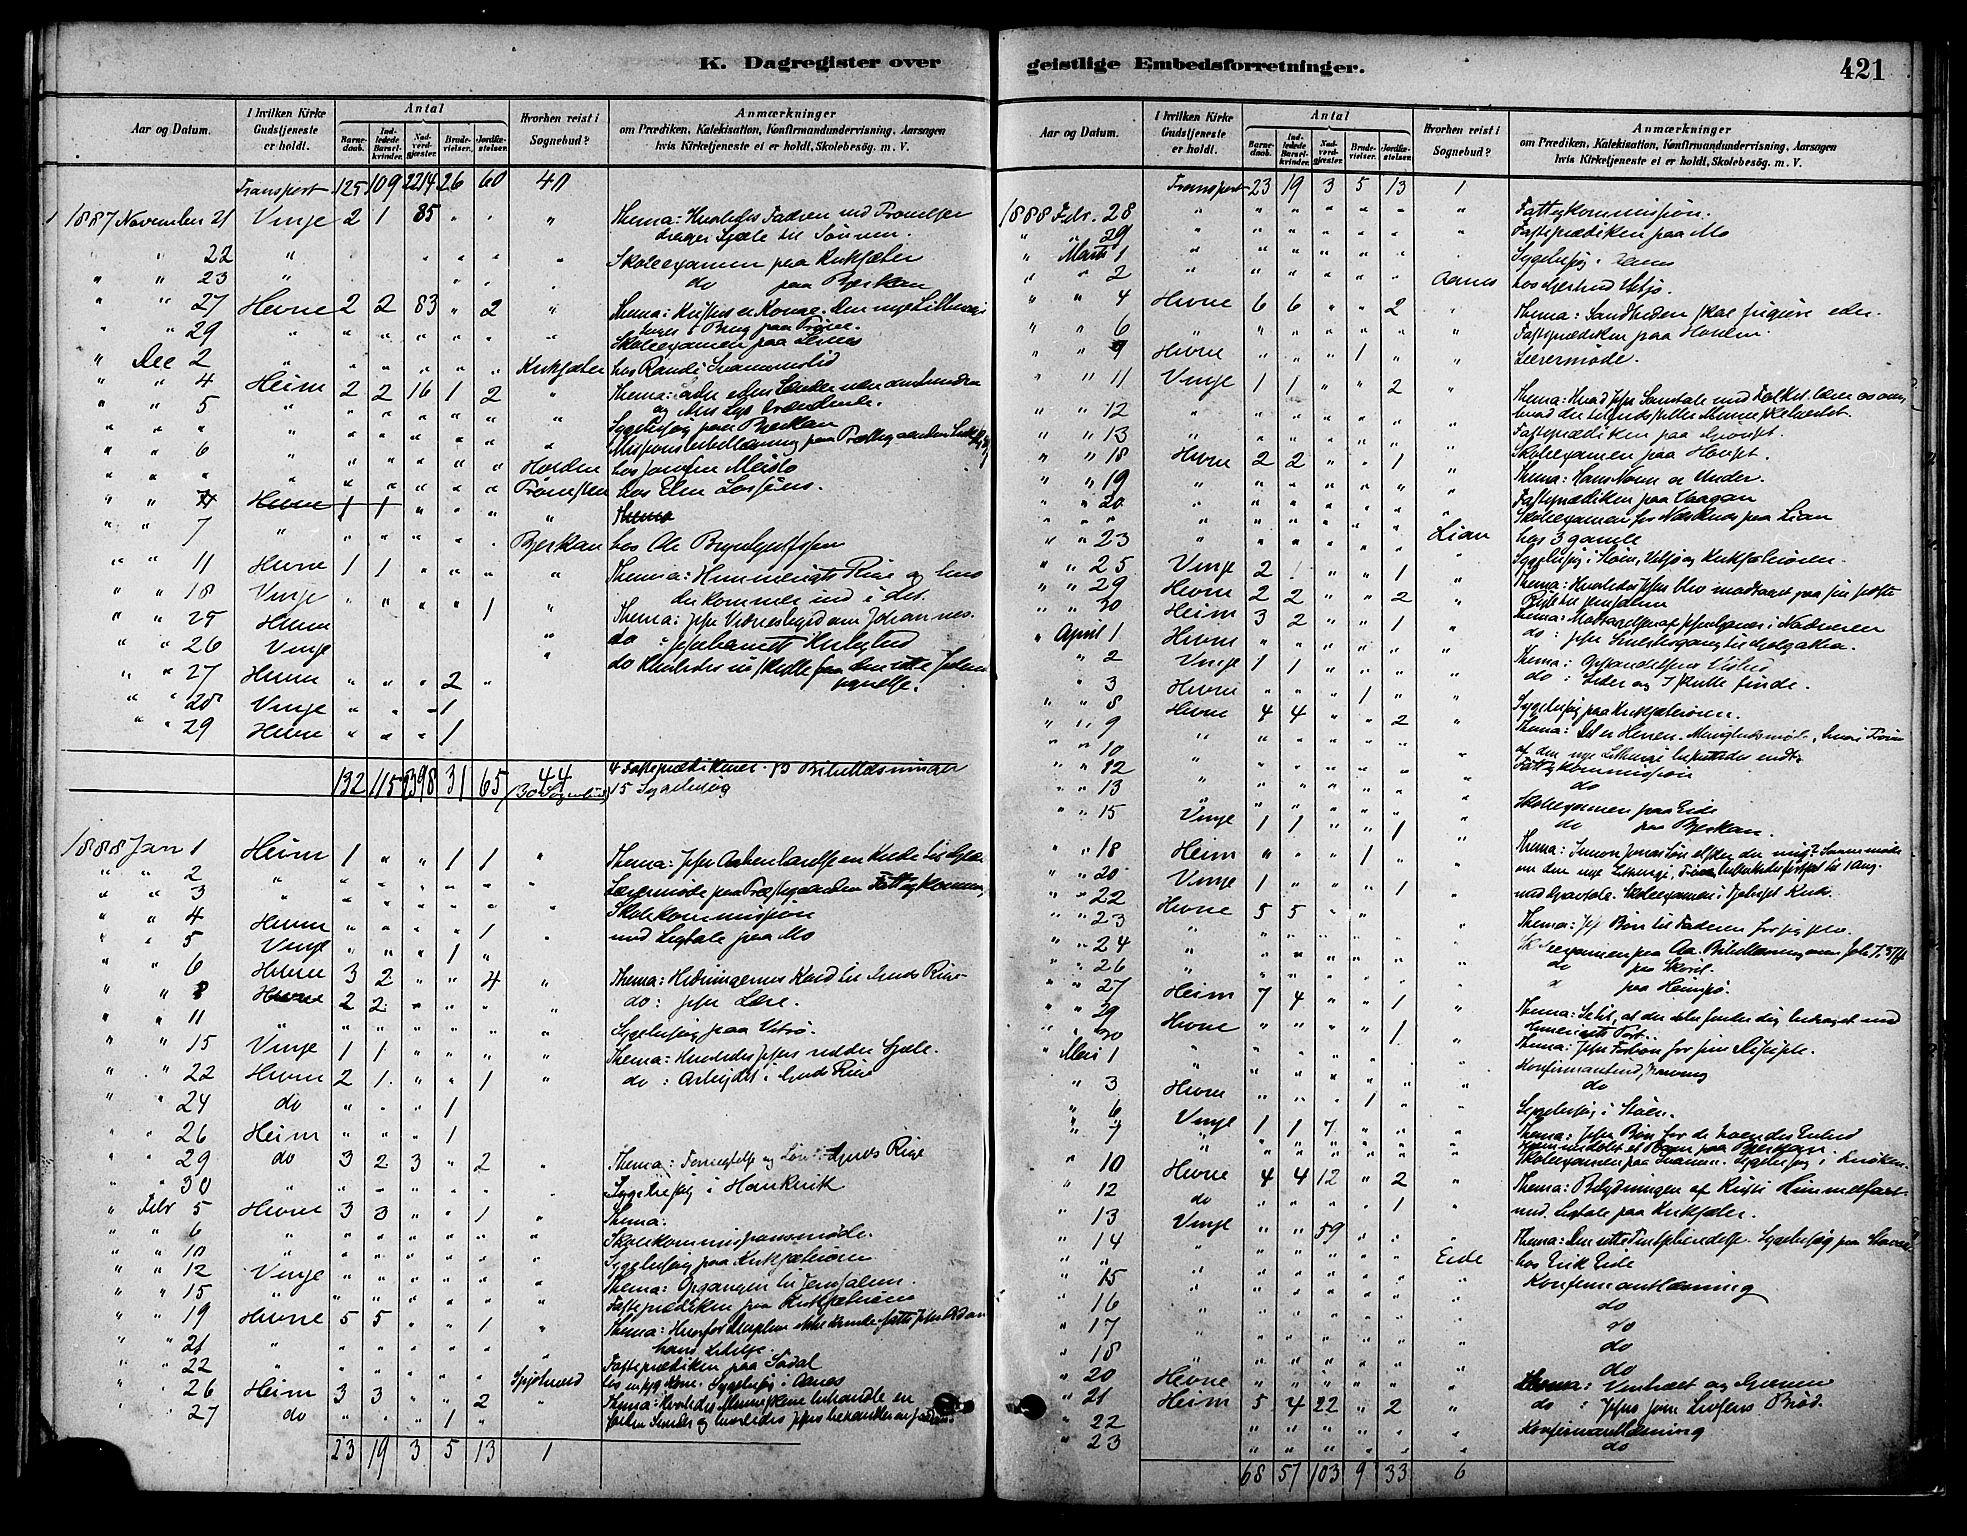 SAT, Ministerialprotokoller, klokkerbøker og fødselsregistre - Sør-Trøndelag, 630/L0496: Ministerialbok nr. 630A09, 1879-1895, s. 421